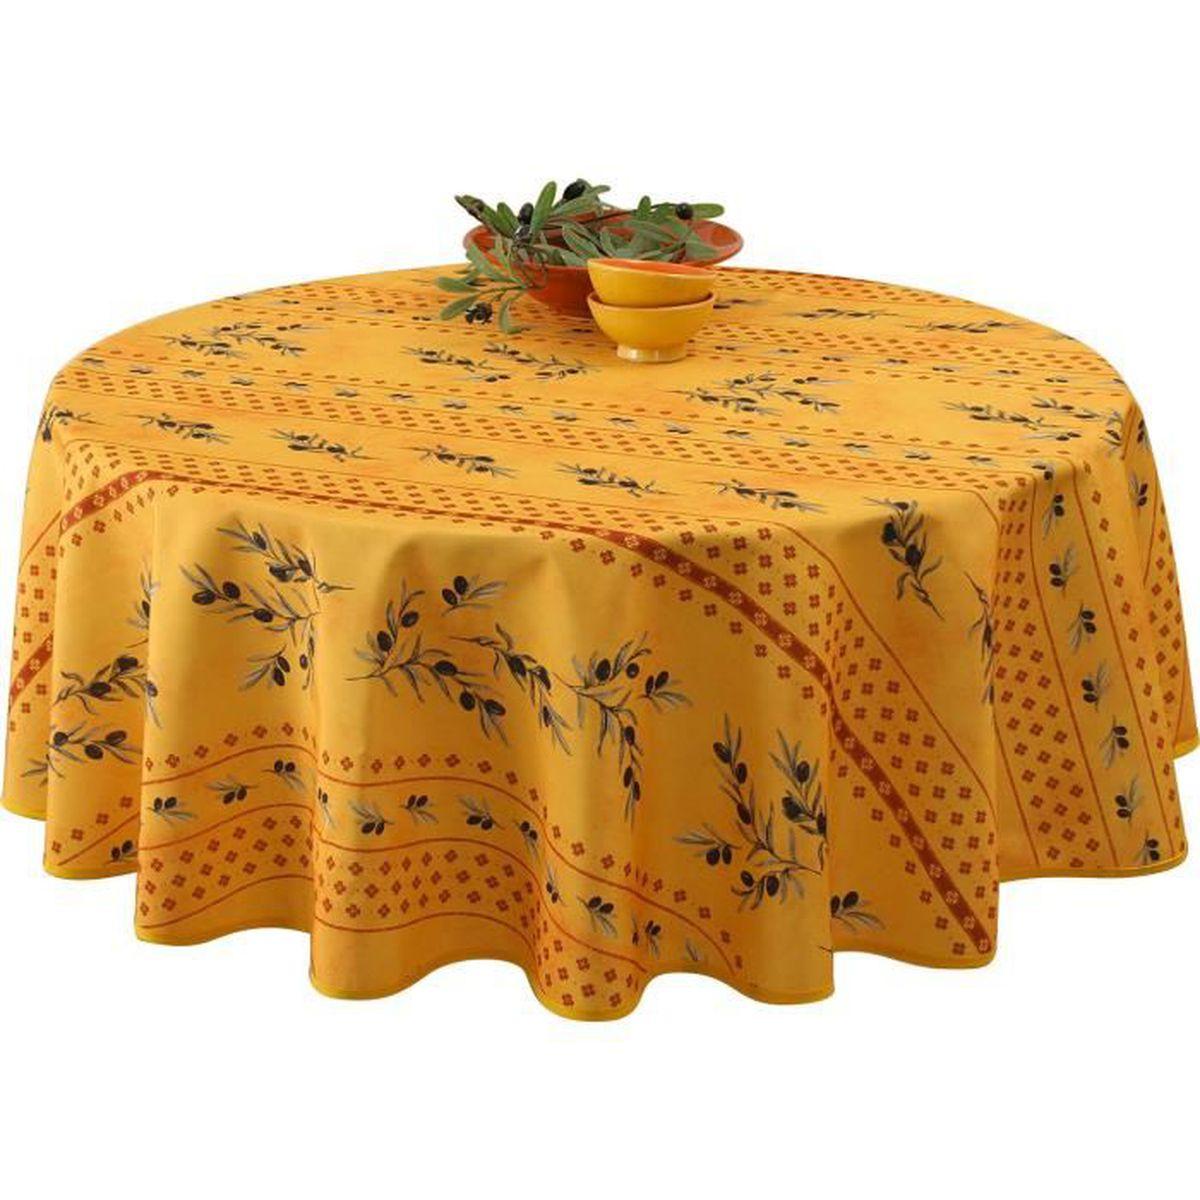 nappe jaune achat vente nappe jaune pas cher soldes. Black Bedroom Furniture Sets. Home Design Ideas